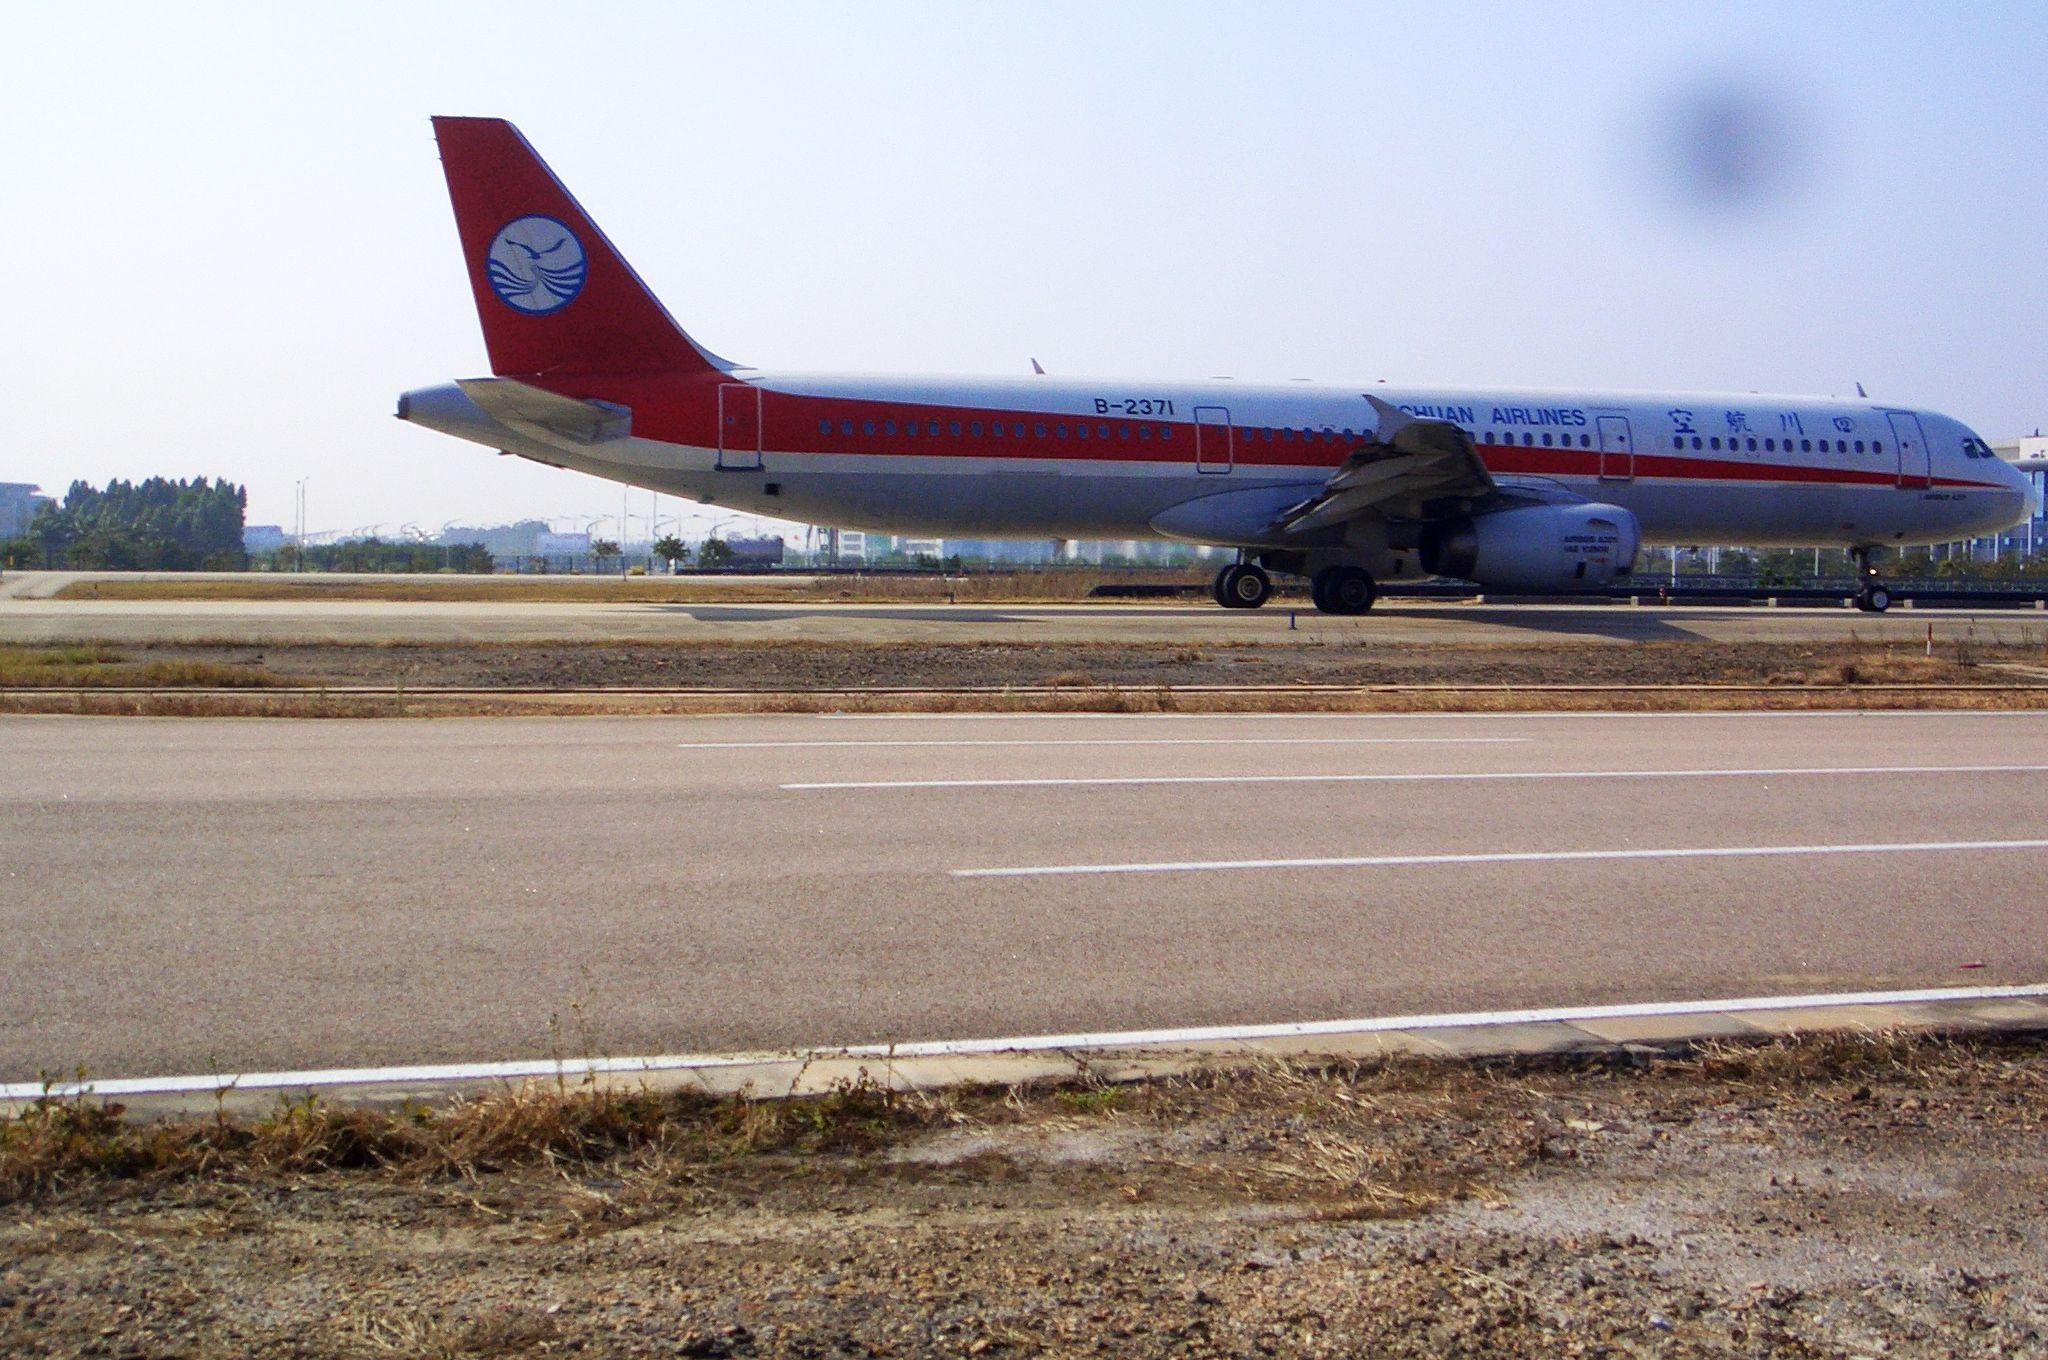 Re:[原创]恢复信心后的第一次发帖,09年第一次活动 AIRBUS A321-200 B-2371 中国广州白云机场